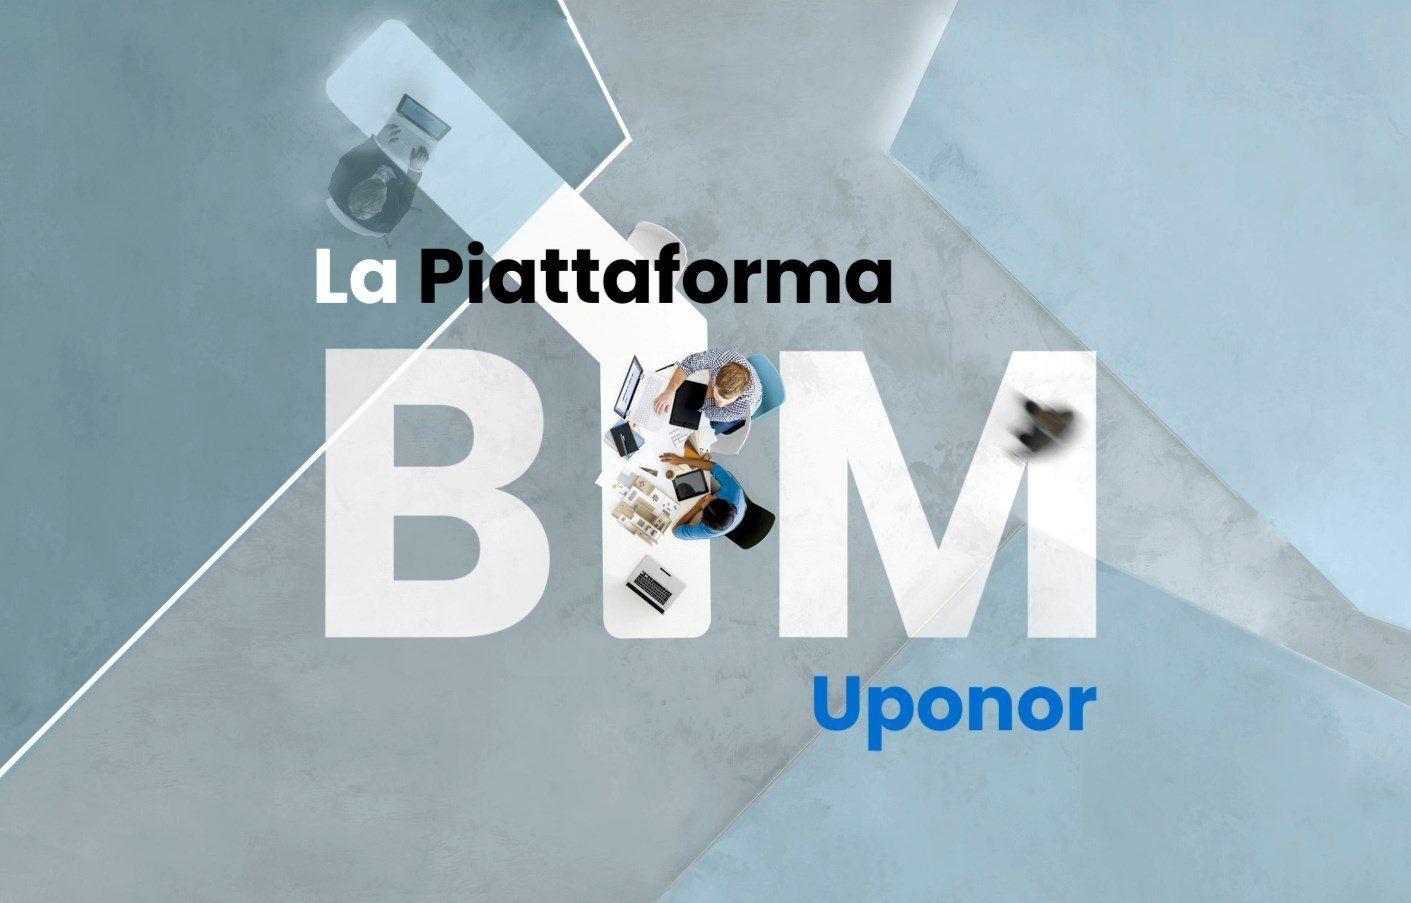 La Nuova Piattaforma BIM Uponor: progettare in un'altra dimensione, esplorare infinite possibilità